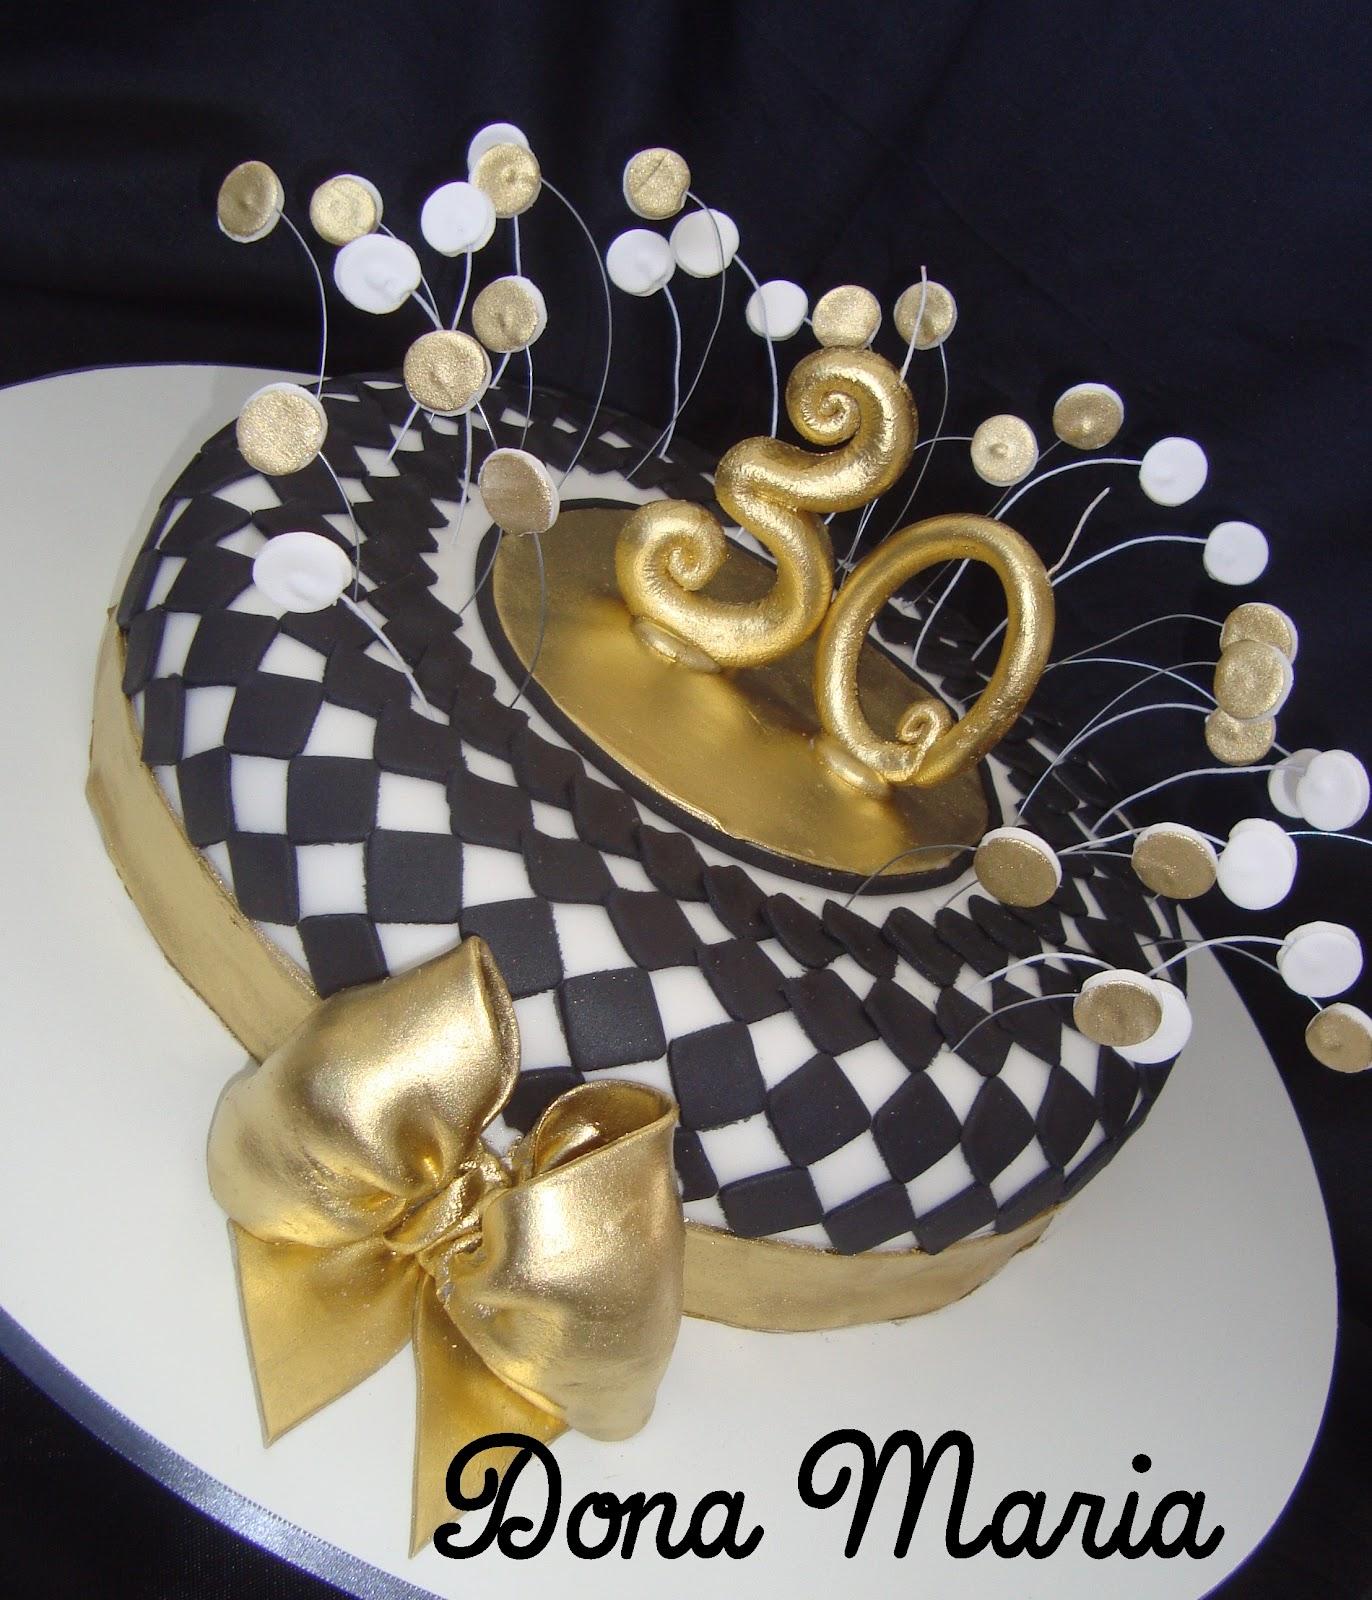 Paula moura bolos decorados recife boteco da beta bolo feito para o aniversrio de 30 anos de roberta calumby e o tema foi boteco altavistaventures Gallery